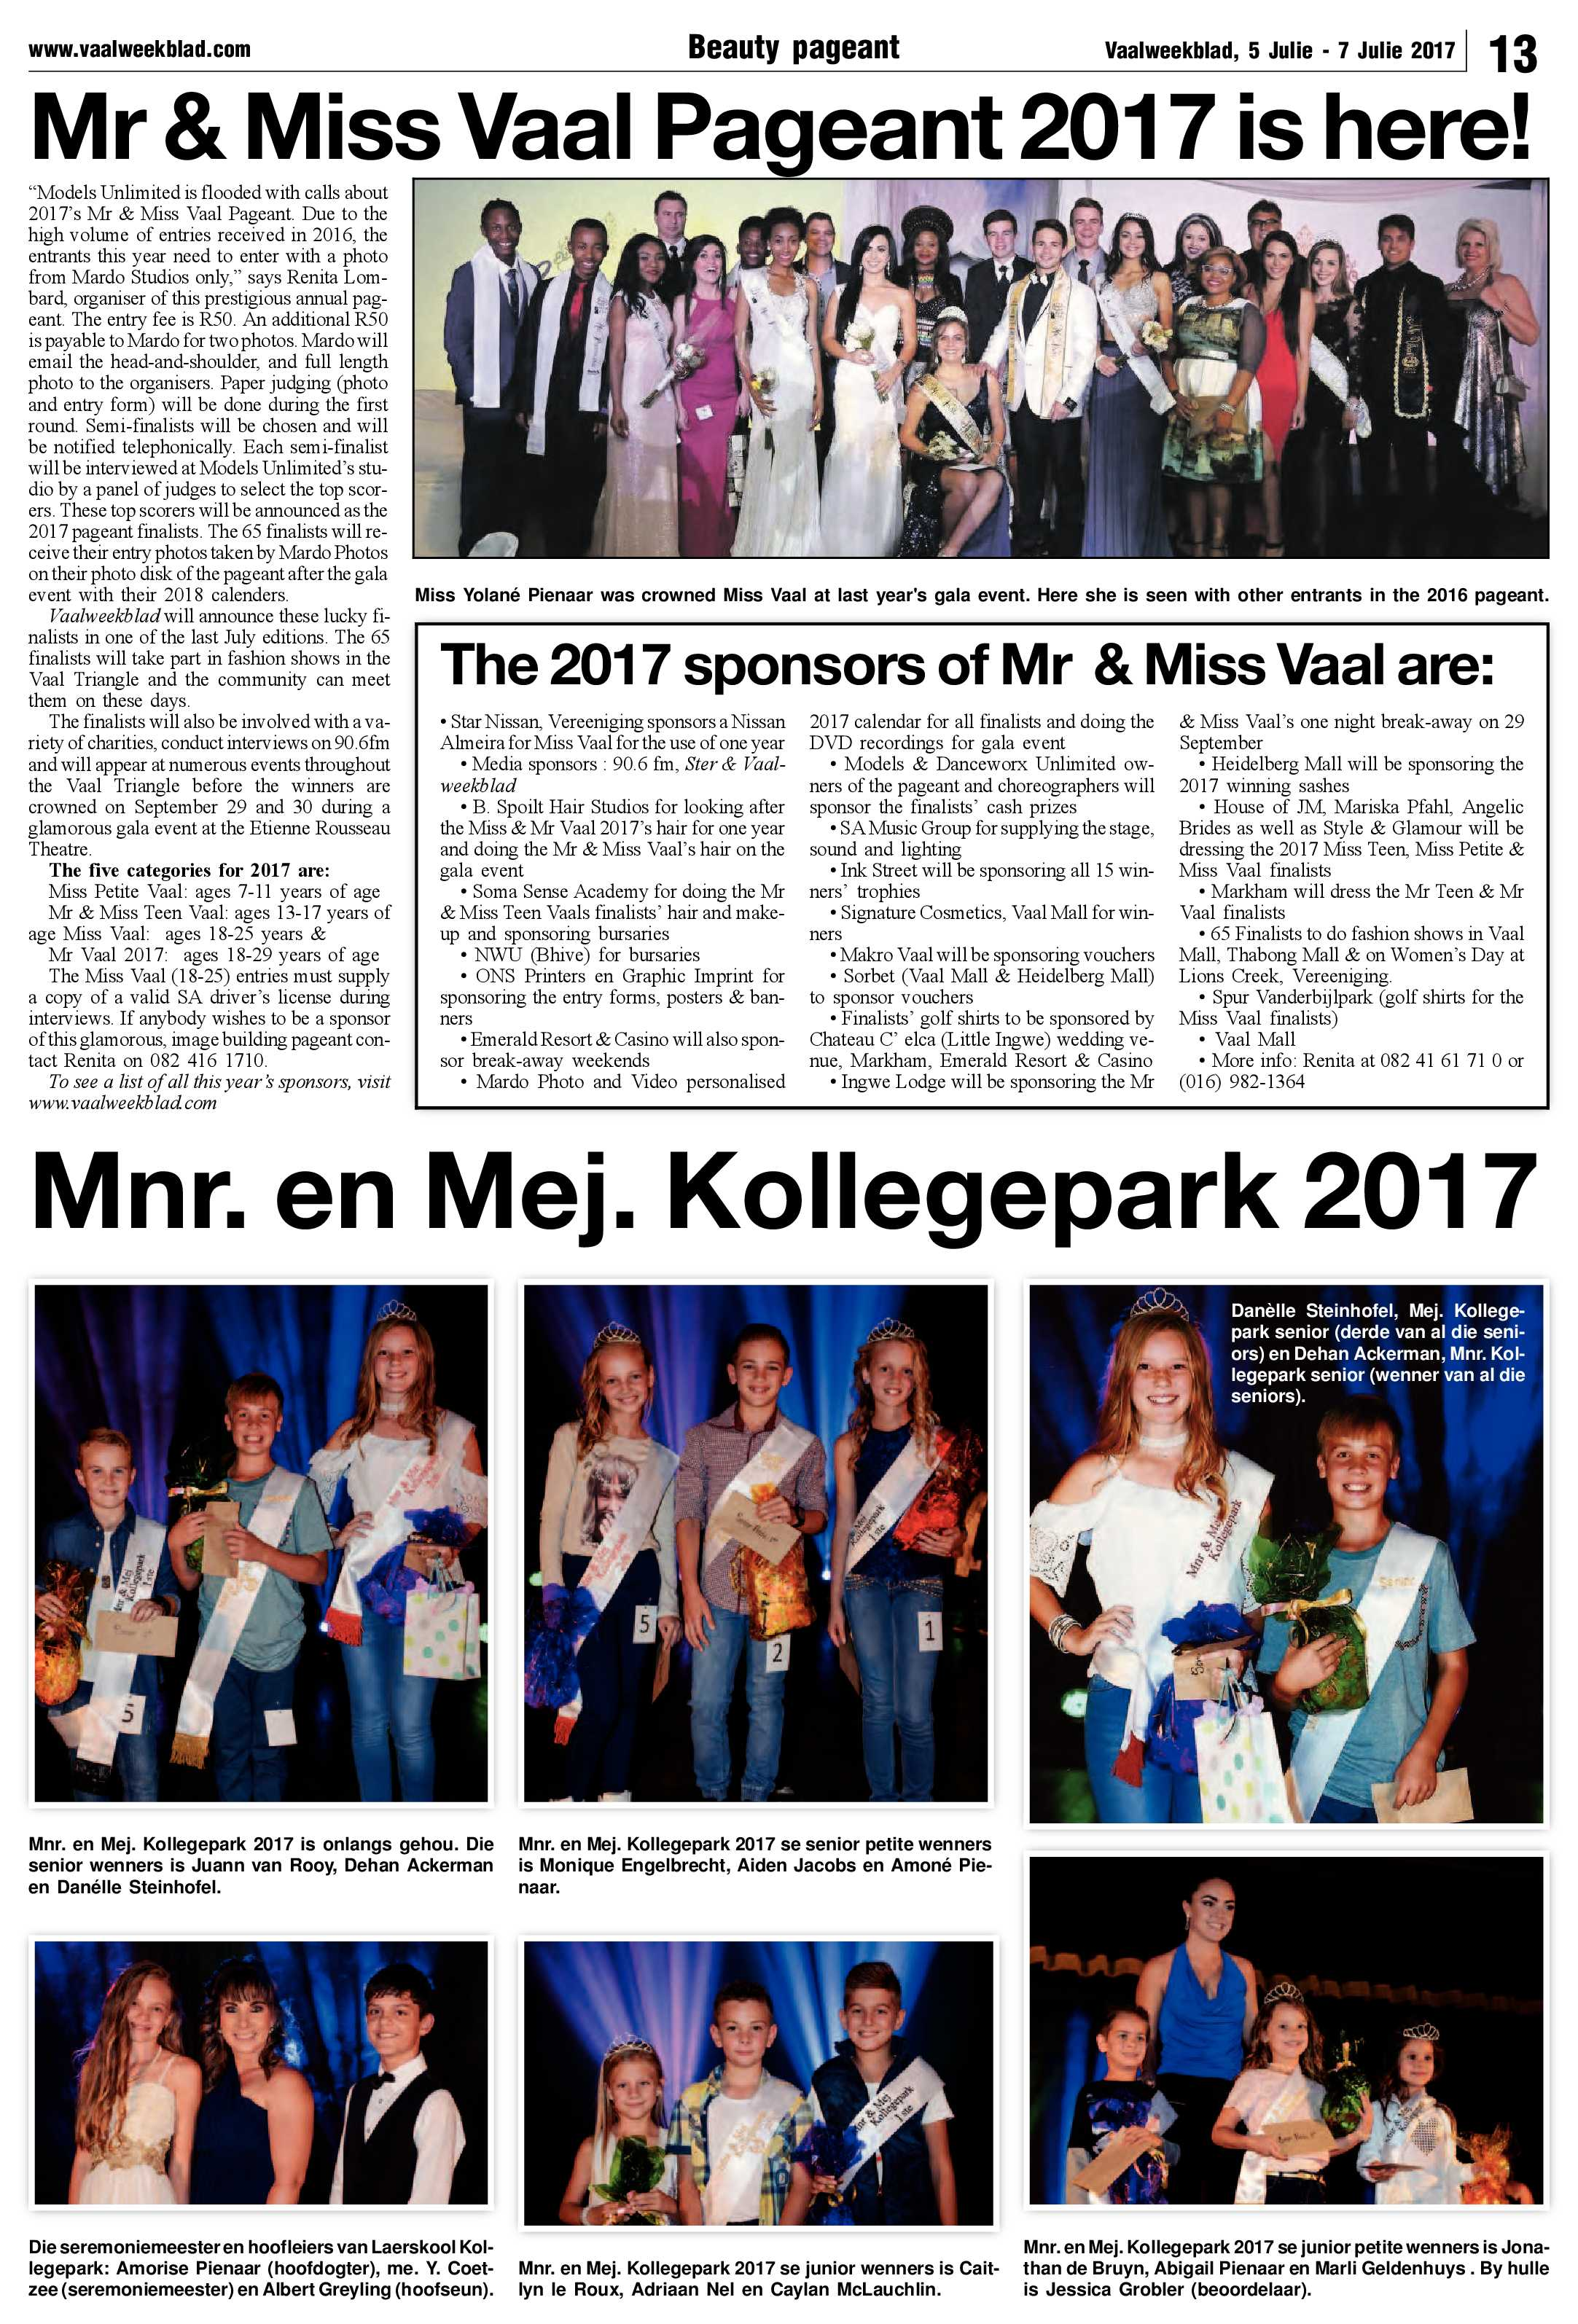 vaalweekblad-5-7-julie-2017-epapers-page-13